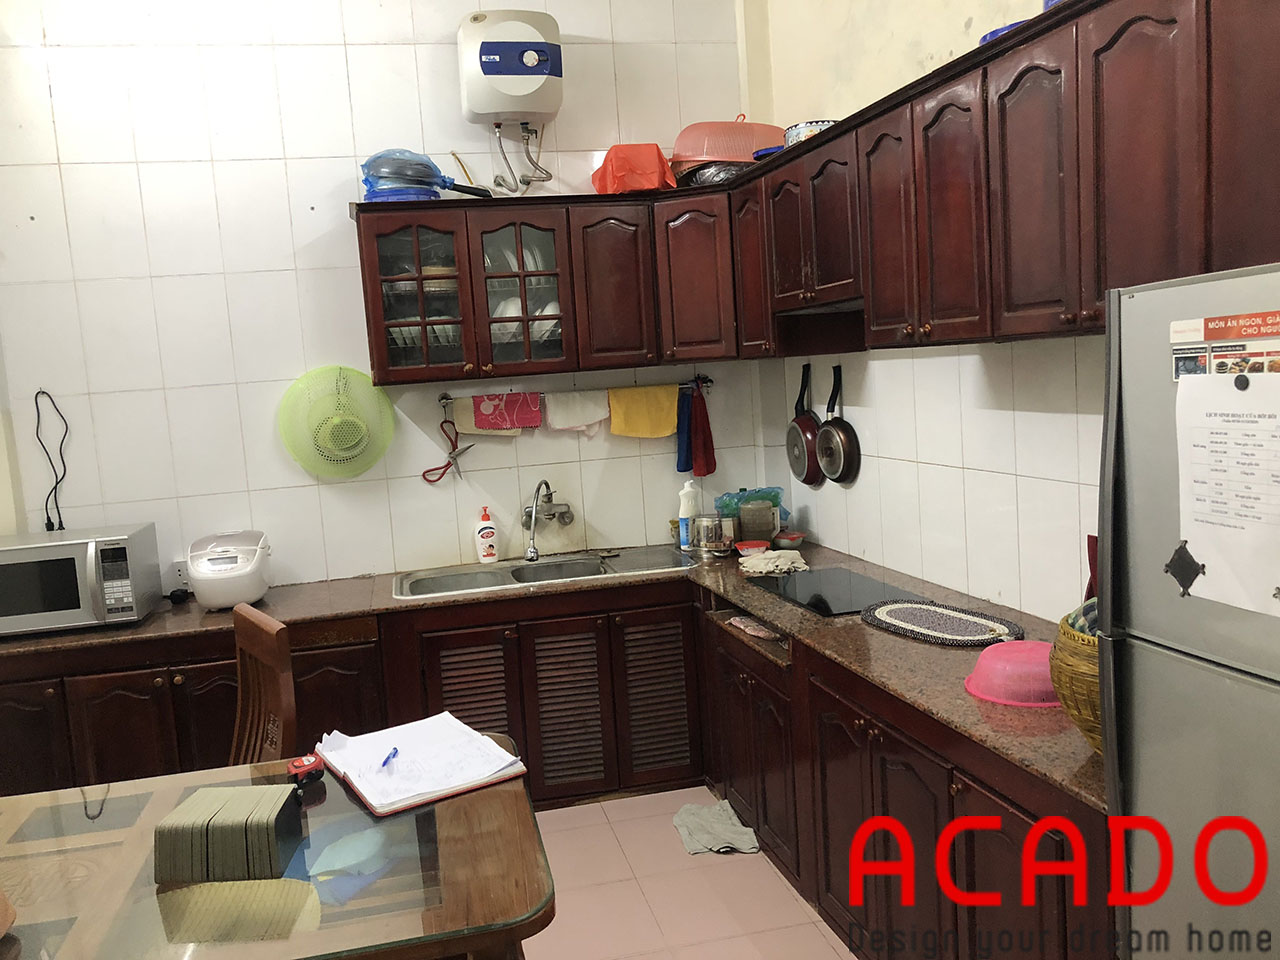 Hiện trang căn bếp nhà chú Thịnh khi nhân viên ACADO qua khảo sát thực tế